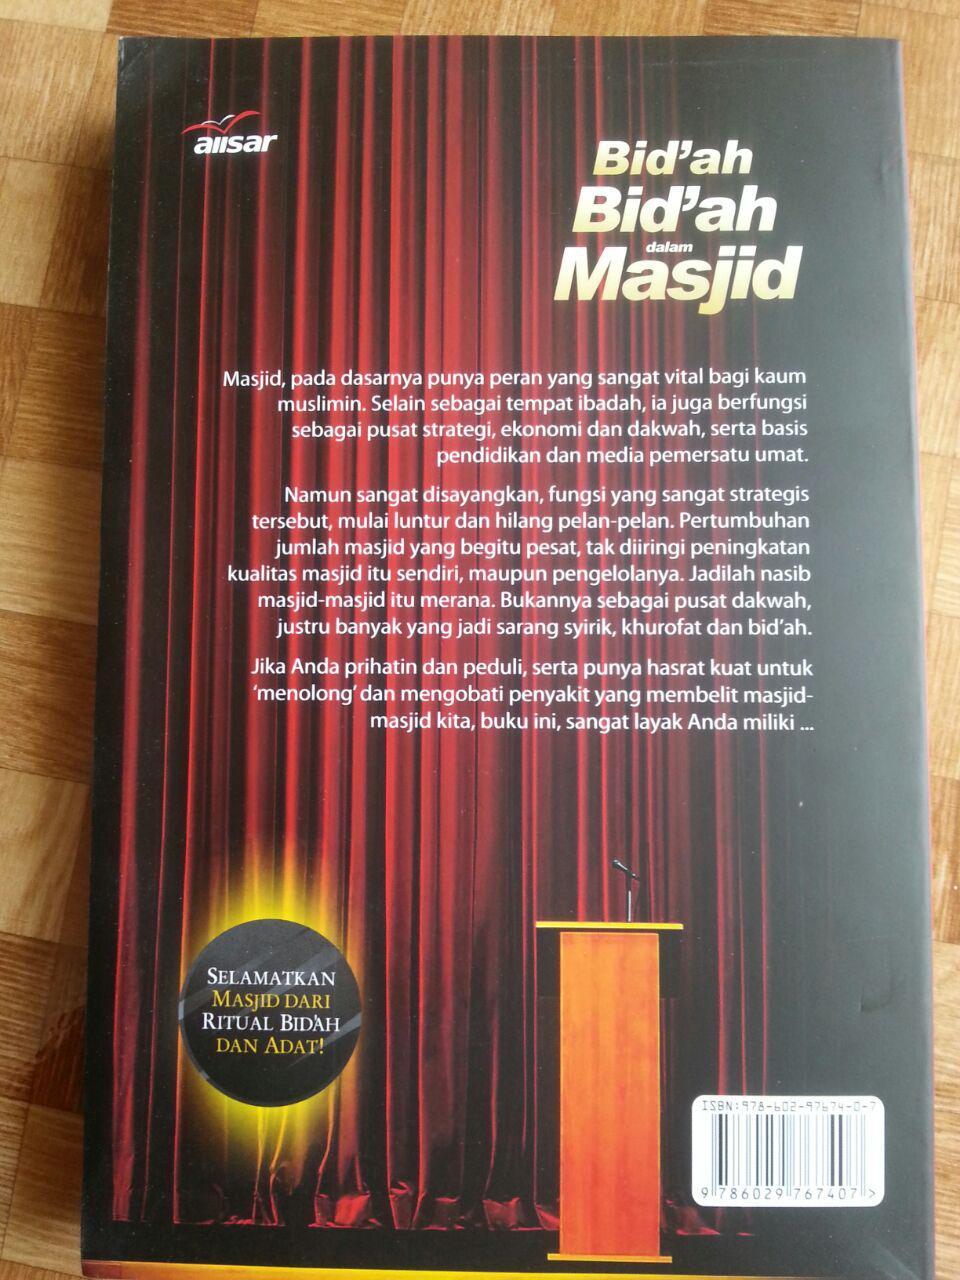 Buku Bidah-bidah dalam Masjid cover